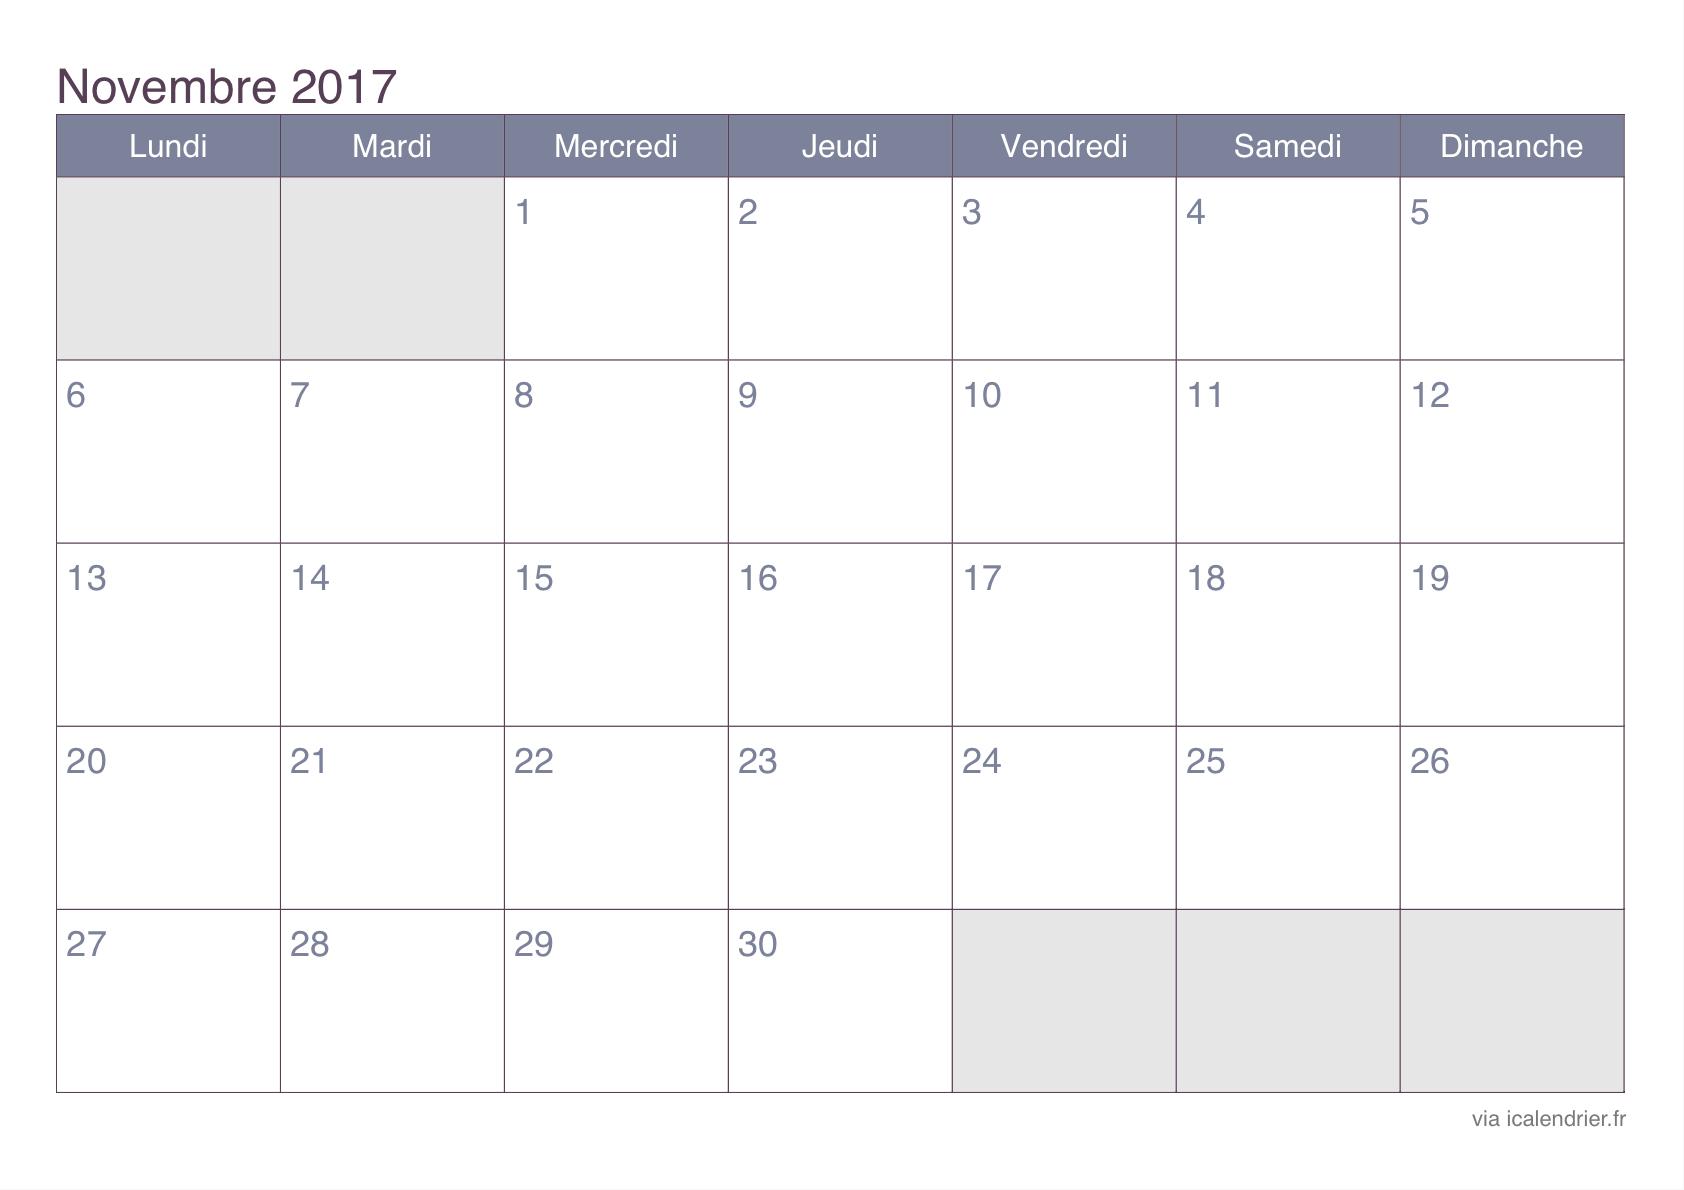 Calendrier Novembre 2017 À Imprimer - Icalendrier destiné Imprimer Un Calendrier 2017